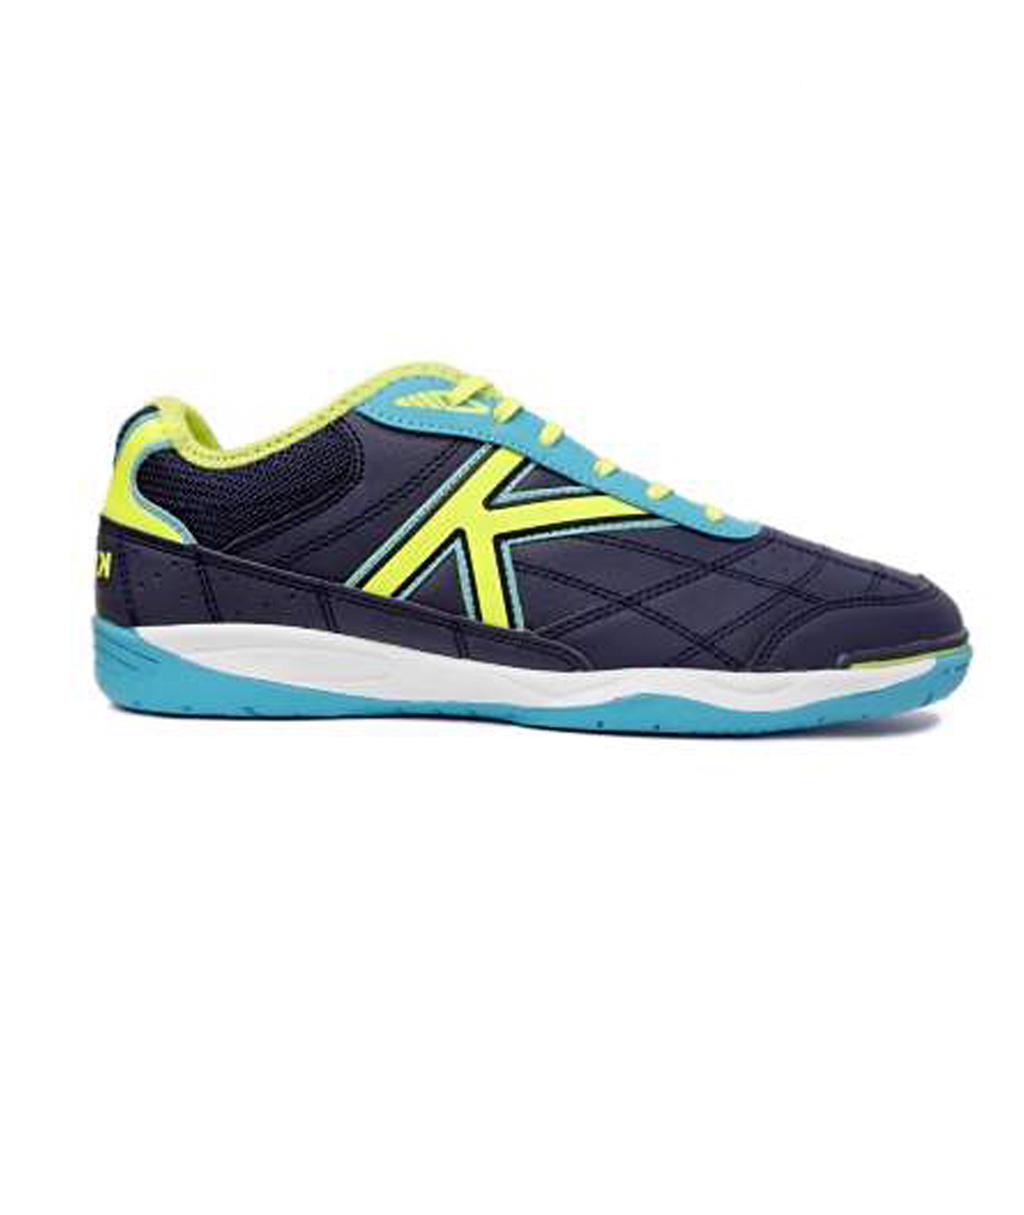 Купить футзалки Kelme Goleiro 55905-358 тёмно-синие в интернет-магазине